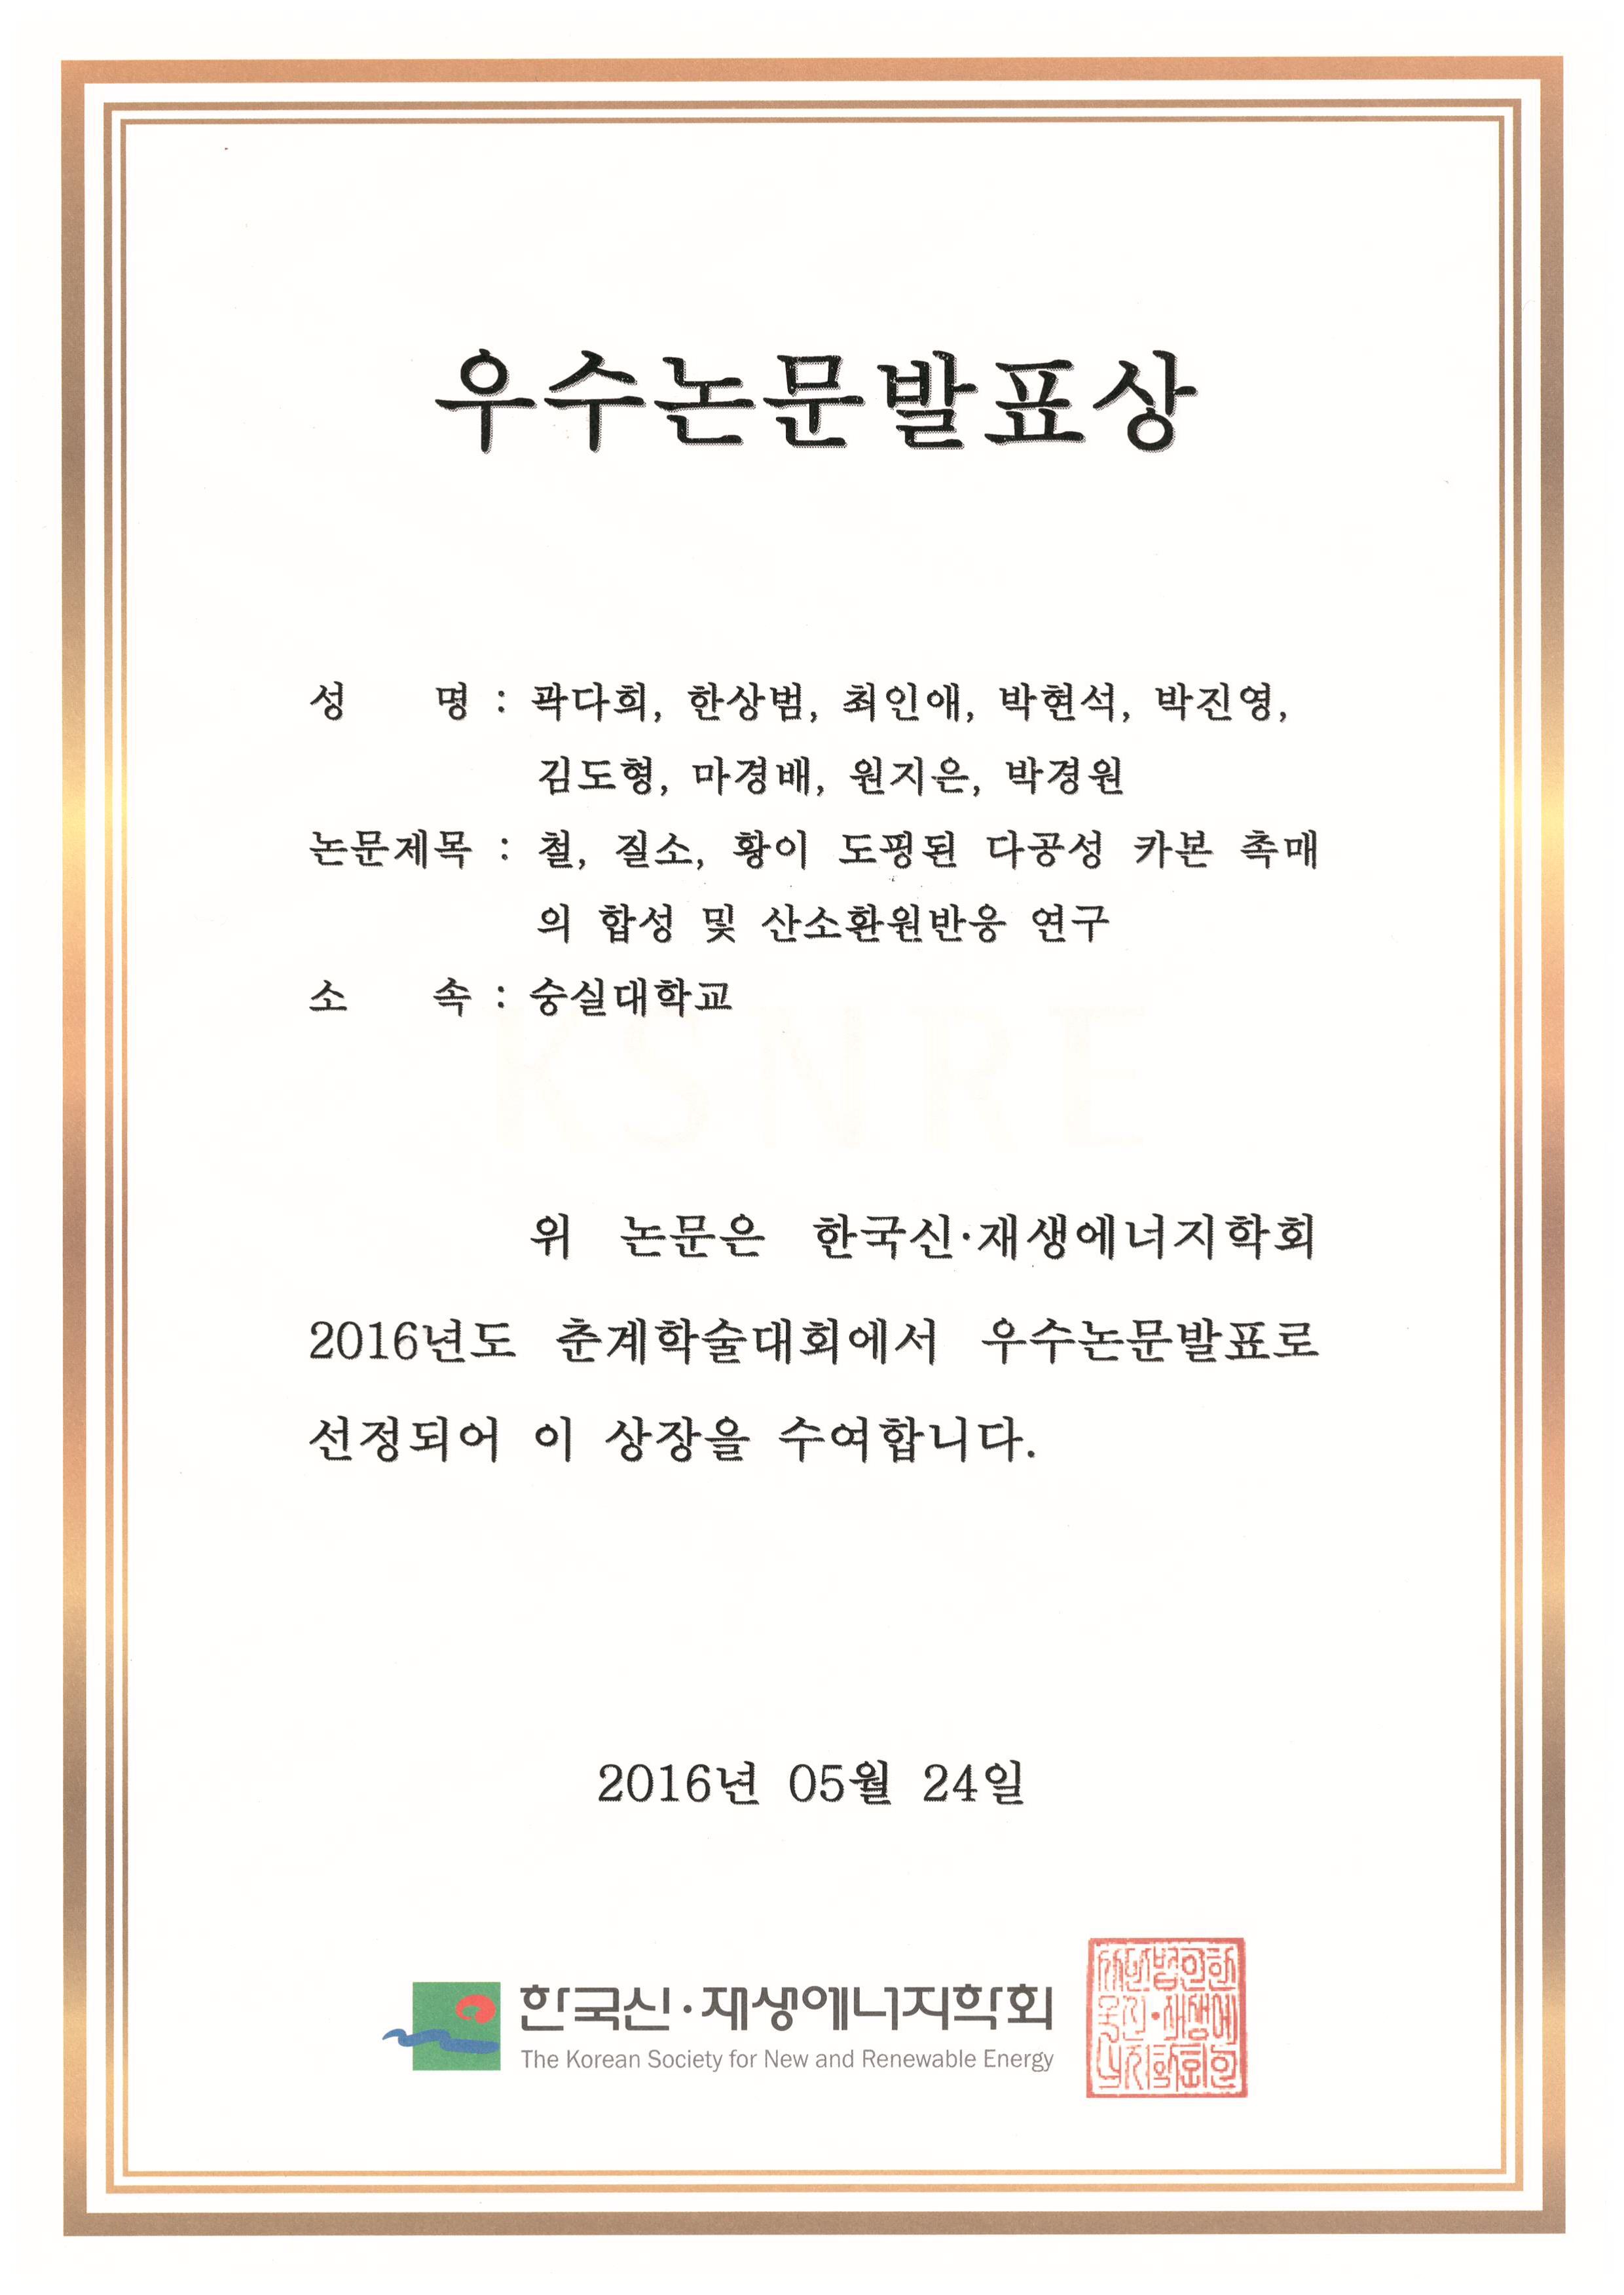 2016신재생에너지학회우수논문발표상 - DH